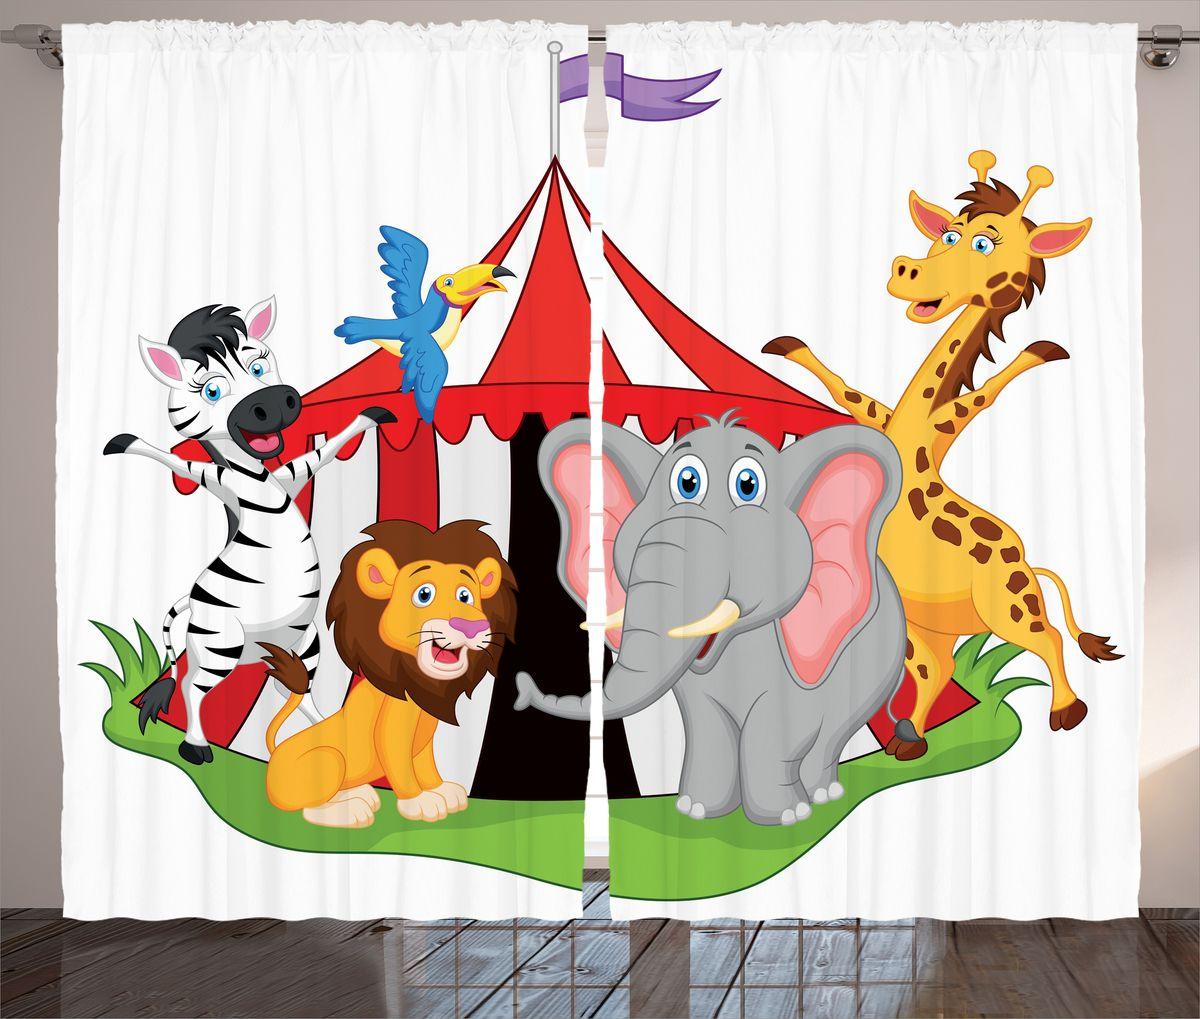 Комплект фотоштор Magic Lady Звери приглашают в цирк, на ленте, высота 265 см. шсг_15457ФШГБ001-09296Роскошный комплект фотоштор Magic Lady Звери приглашают в цирк, выполненный из высококачественного сатена (полиэстер 100%), великолепно украсит любое окно. При изготовлении используются специальные гипоаллергенные чернила. Комплект состоит из двух фотоштор и декорирован рисунком. Оригинальный дизайн и цветовая гамма привлекут к себе внимание и органично впишутся в интерьер комнаты. Крепление на карниз при помощи шторной ленты на крючки.